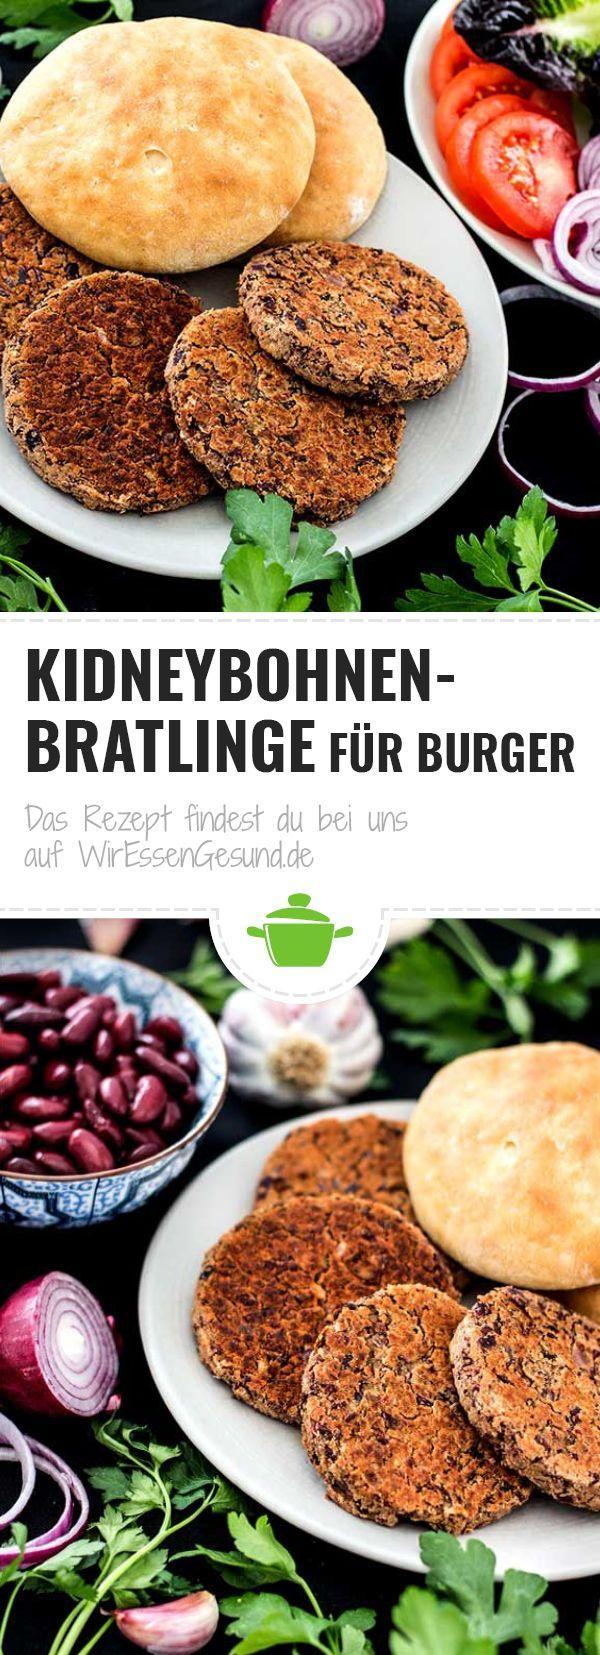 Kidneybohnen-Bratlinge für Burger - WirEssenGesund ,  #BURGER #für #Kidneybohnenbratlinge #vegansouprecipes #WirEssenGesund